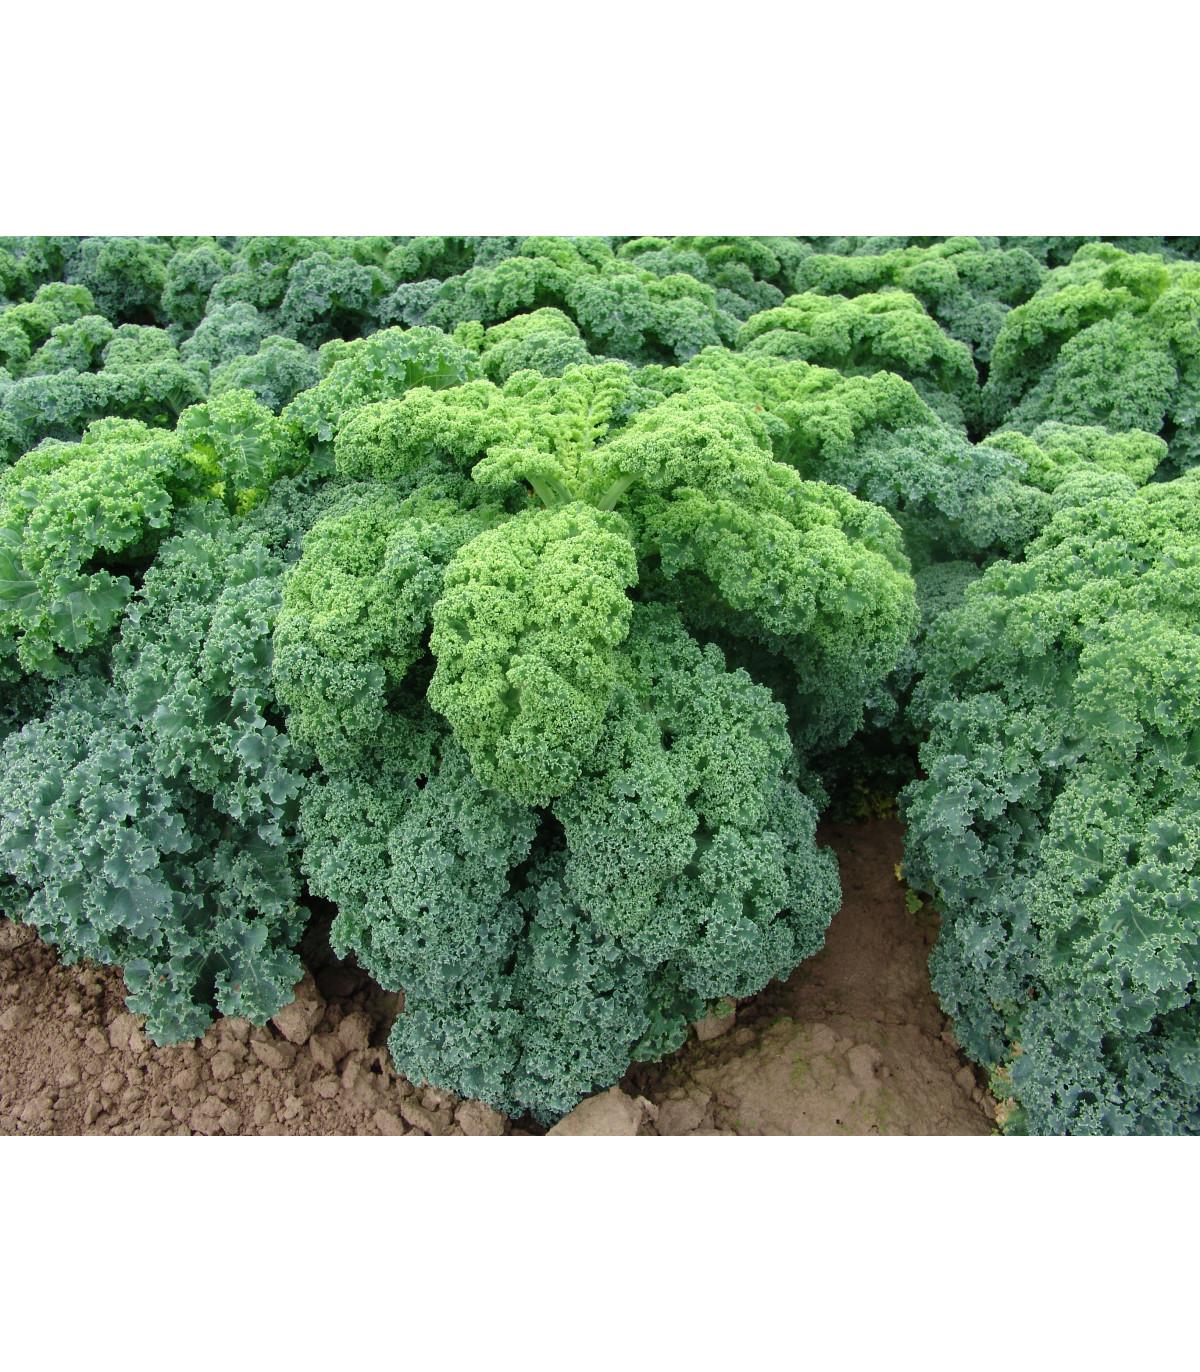 Kadeřávek zelený Kadet - semena Kadeřávku - 200 ks